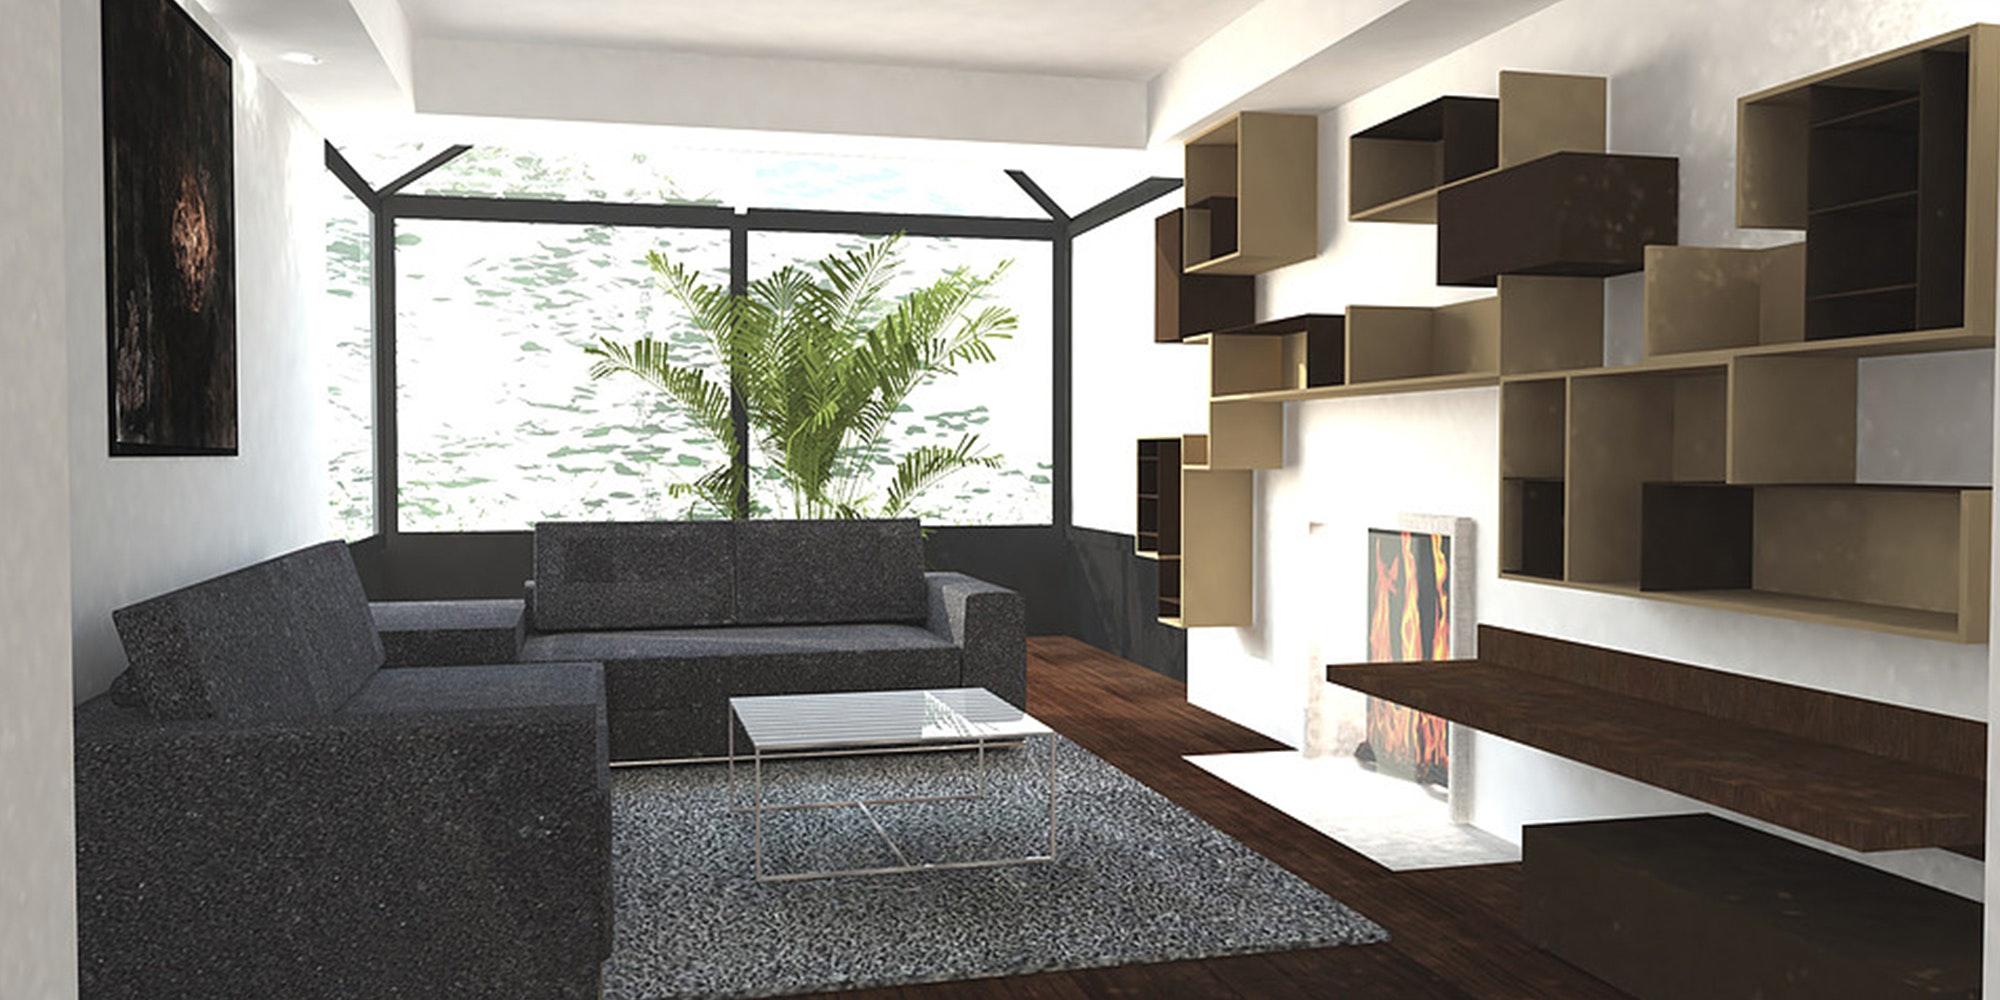 5800 Koleksi Gambar Desain Arsitektur Dan Interior Gratis Terbaik Yang Bisa Anda Tiru